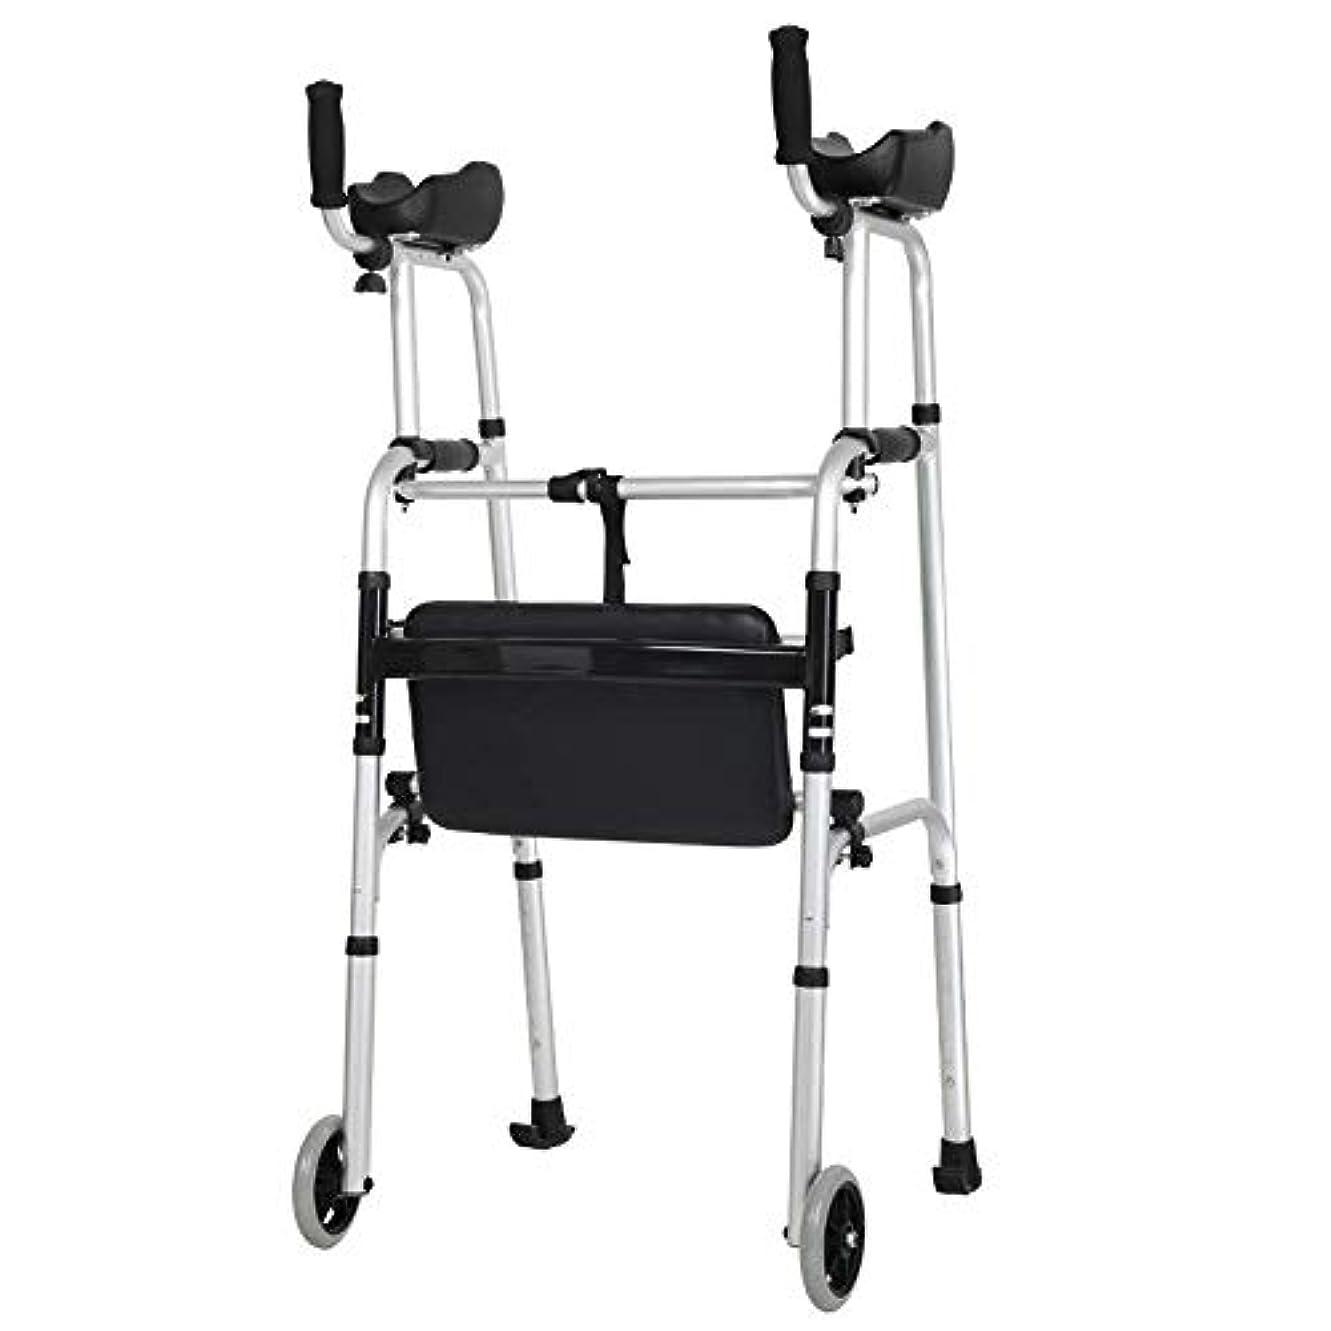 側強制エキサイティングダブルアームウォーカー、パッド入りシート付き多機能リハビリテーションフィットネスウォーカー